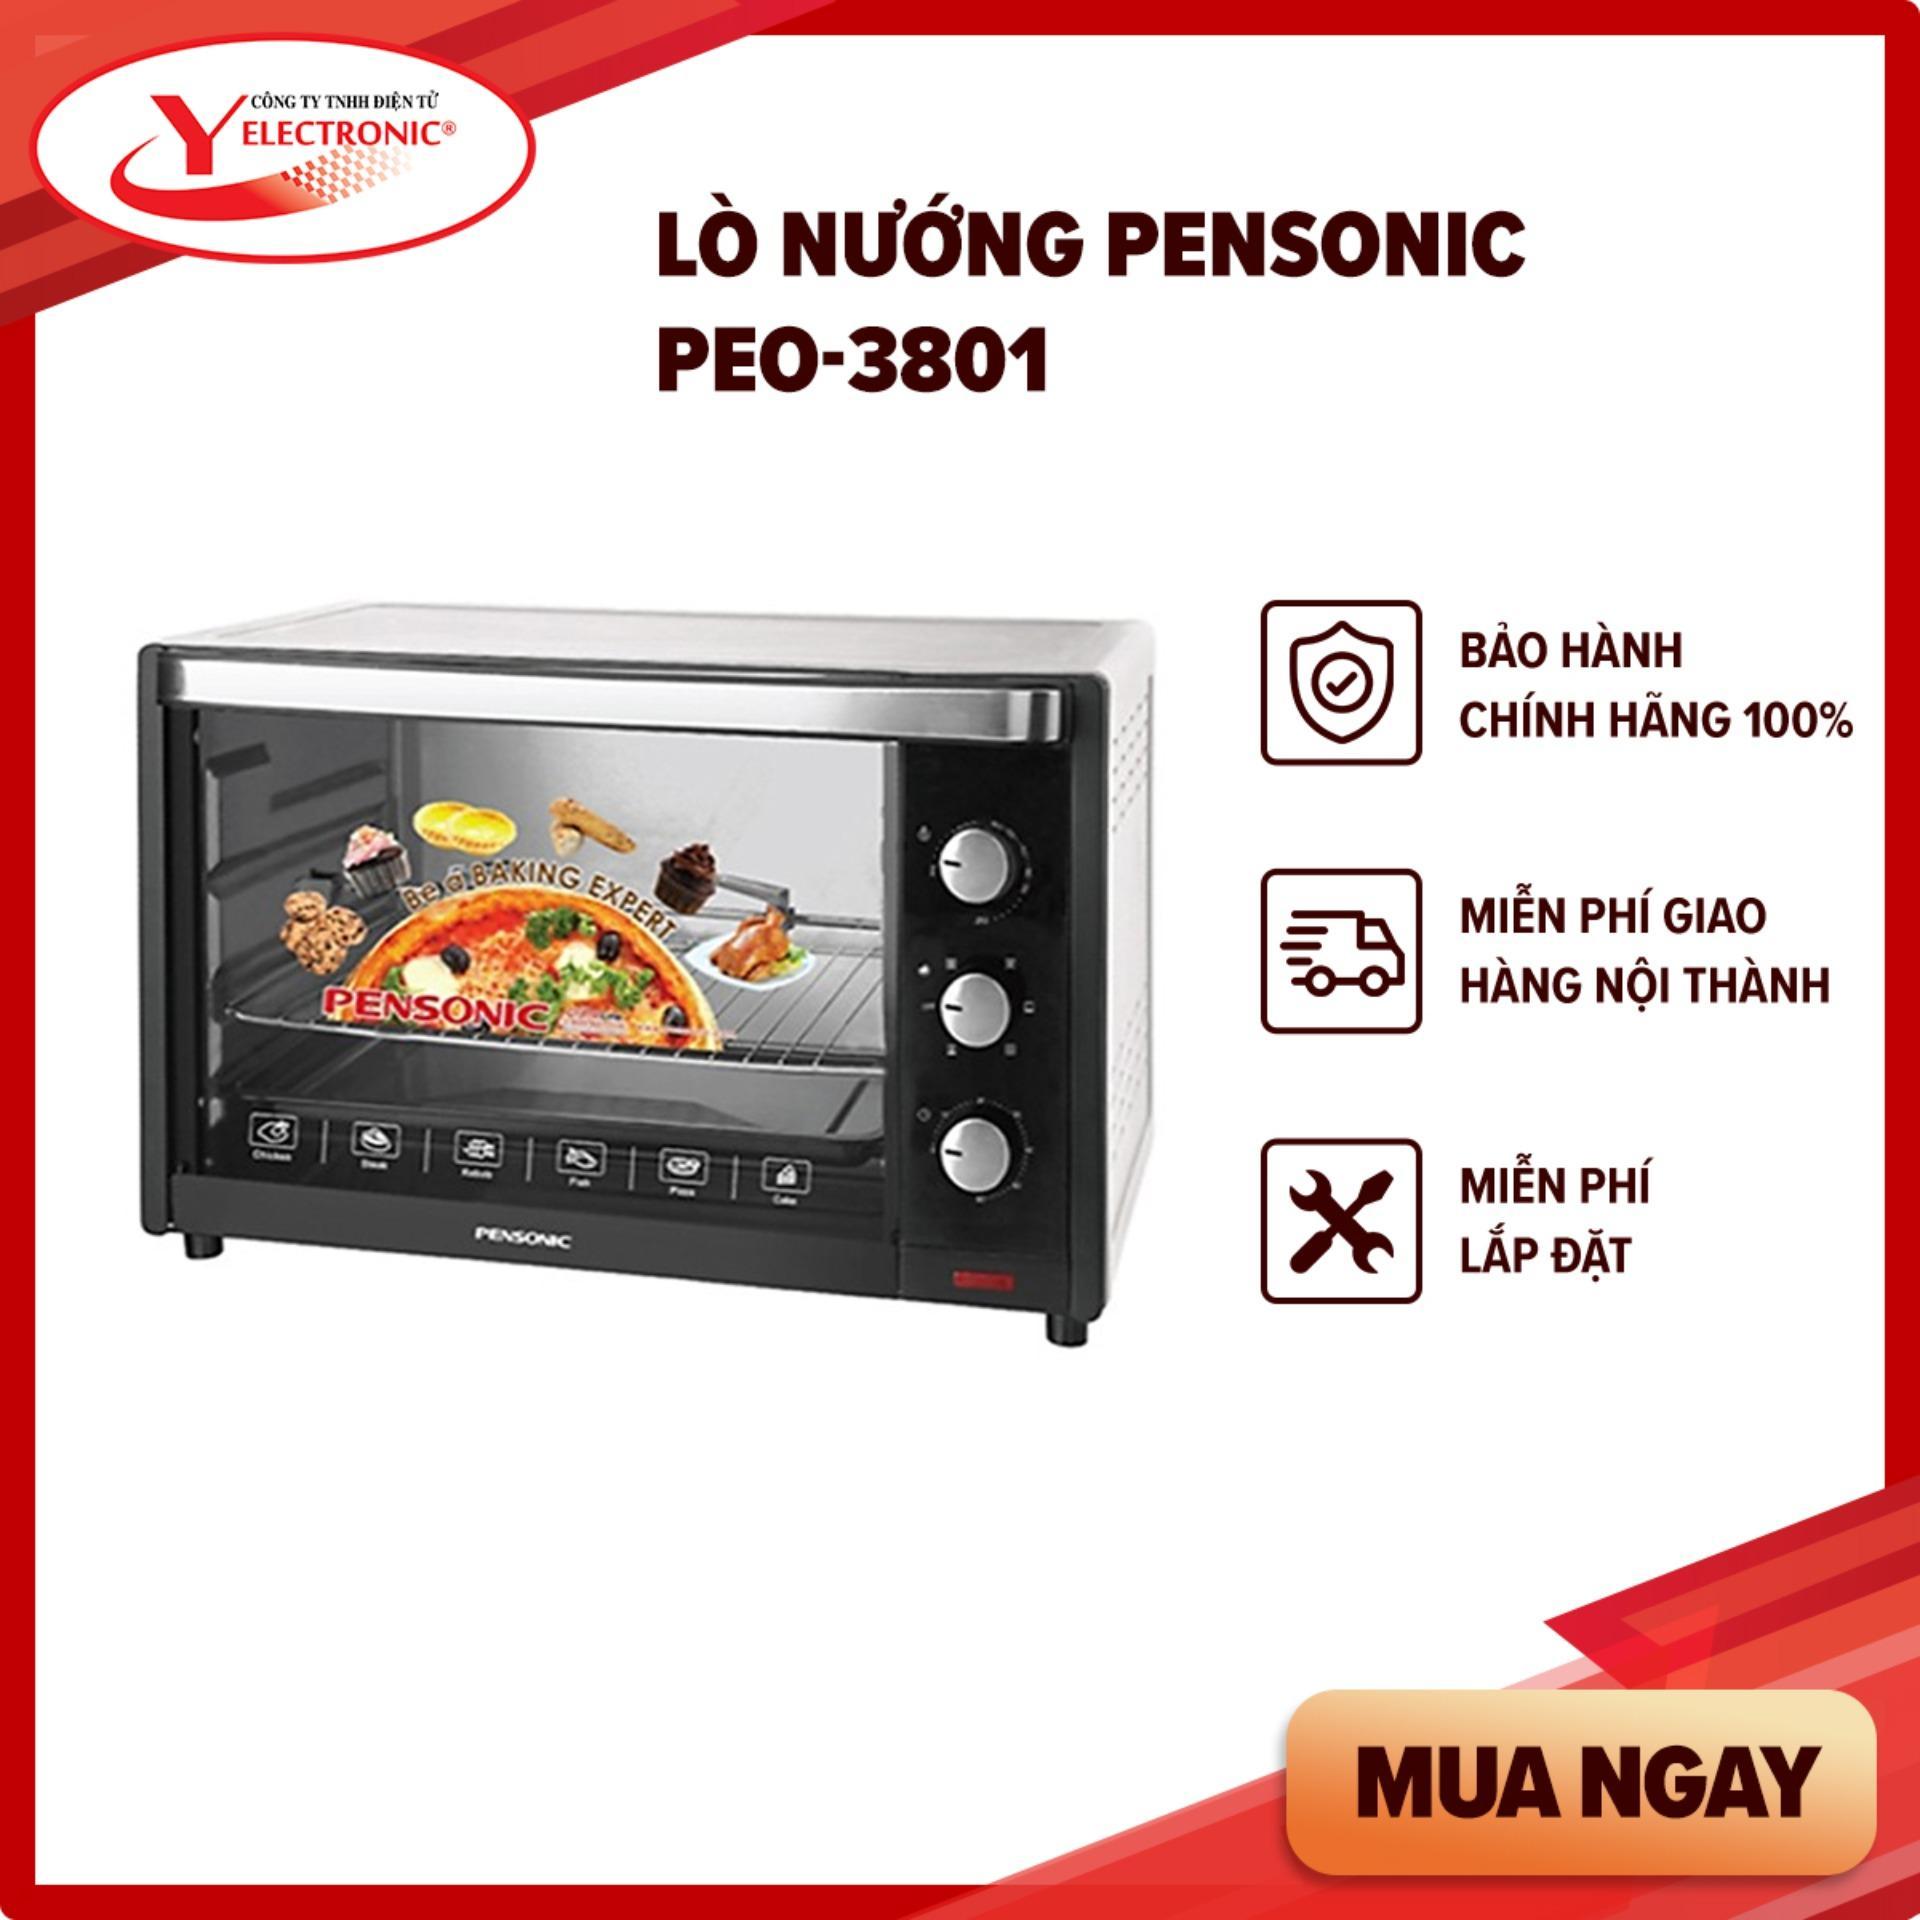 Lò Nướng Pensonic PEO-3801